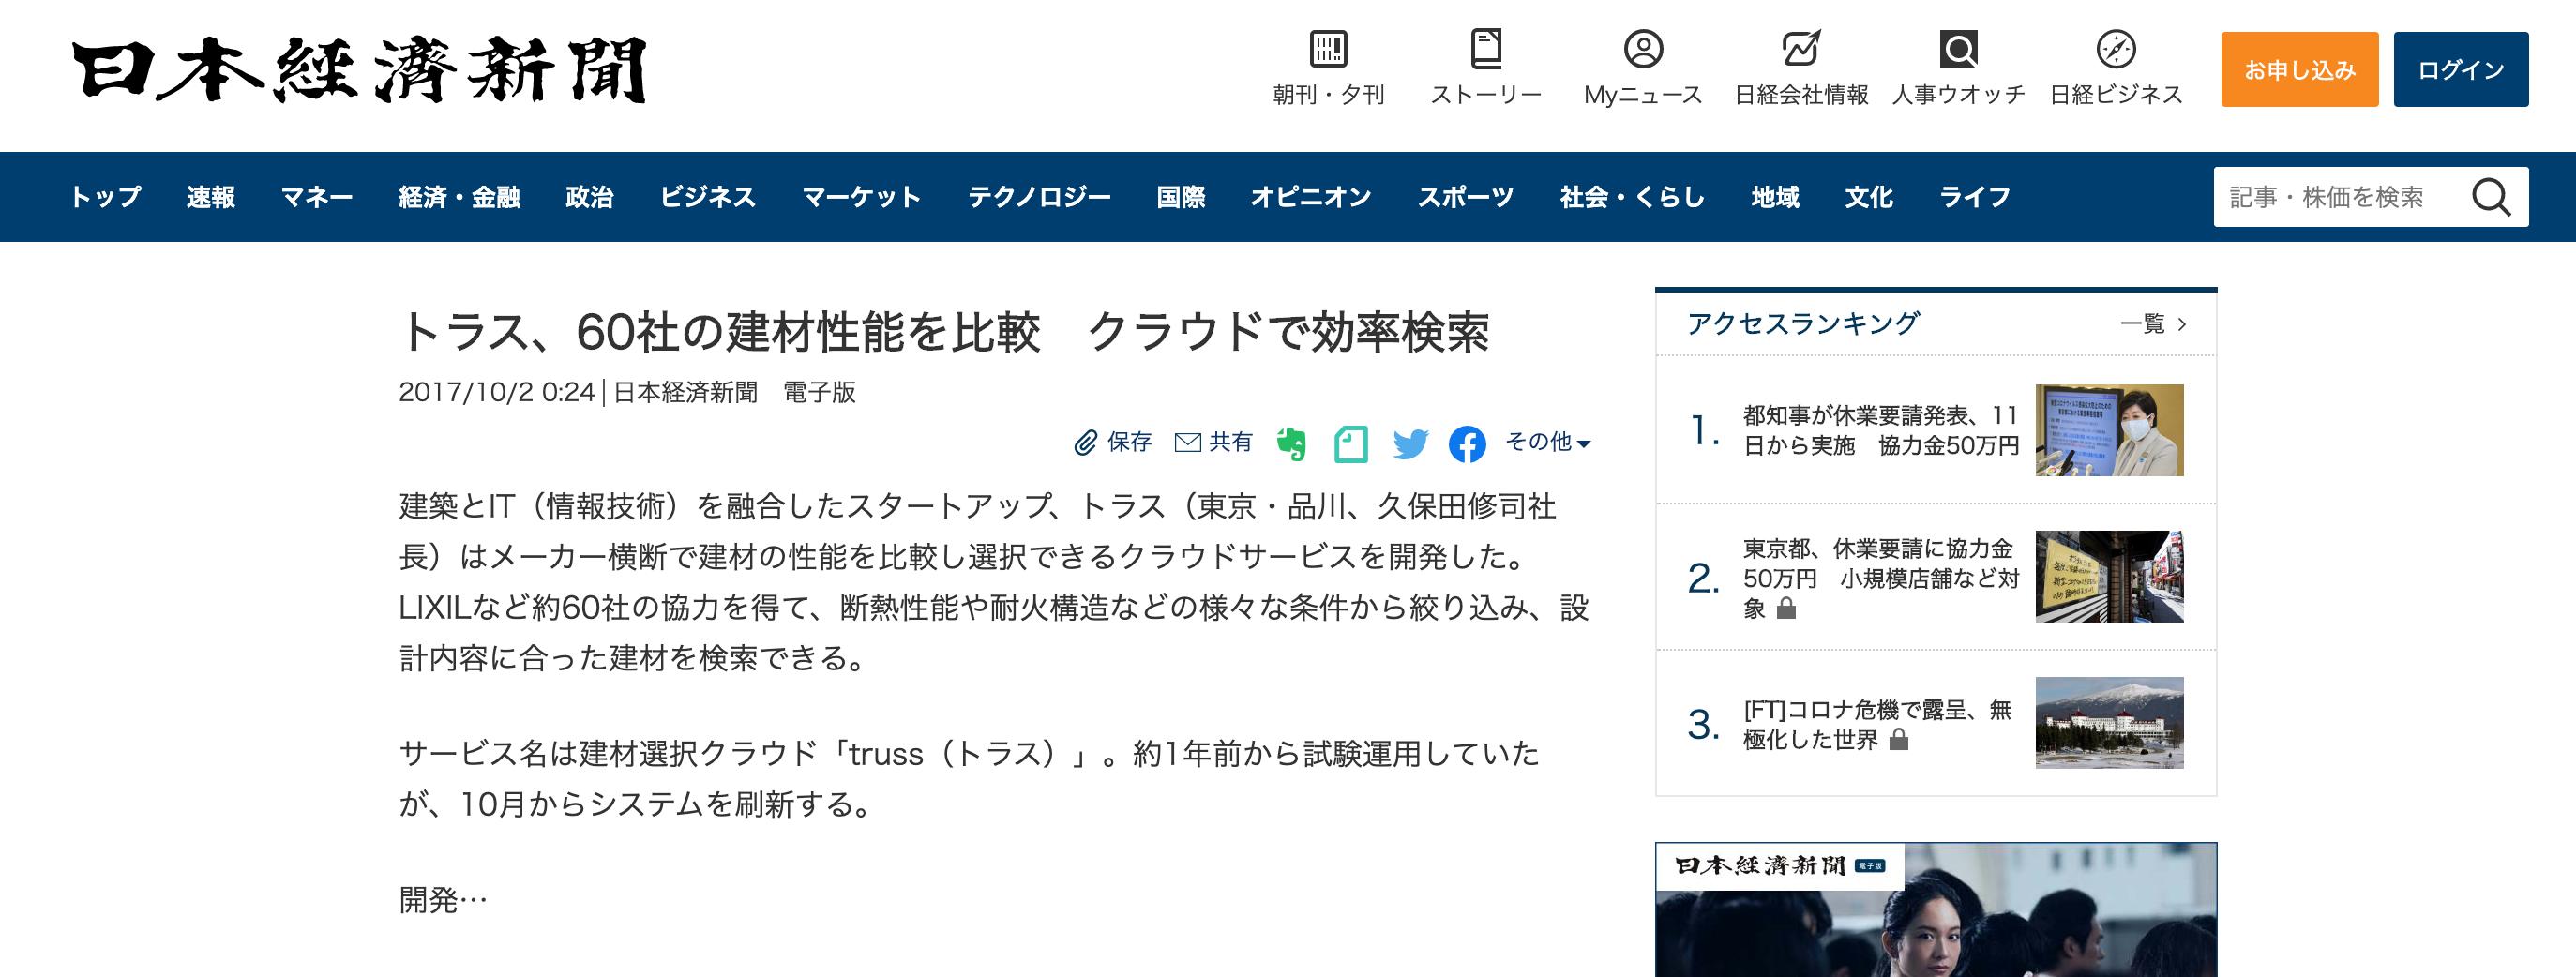 『日経新聞』に弊社サービス及び資金調達についての記事が掲載されました